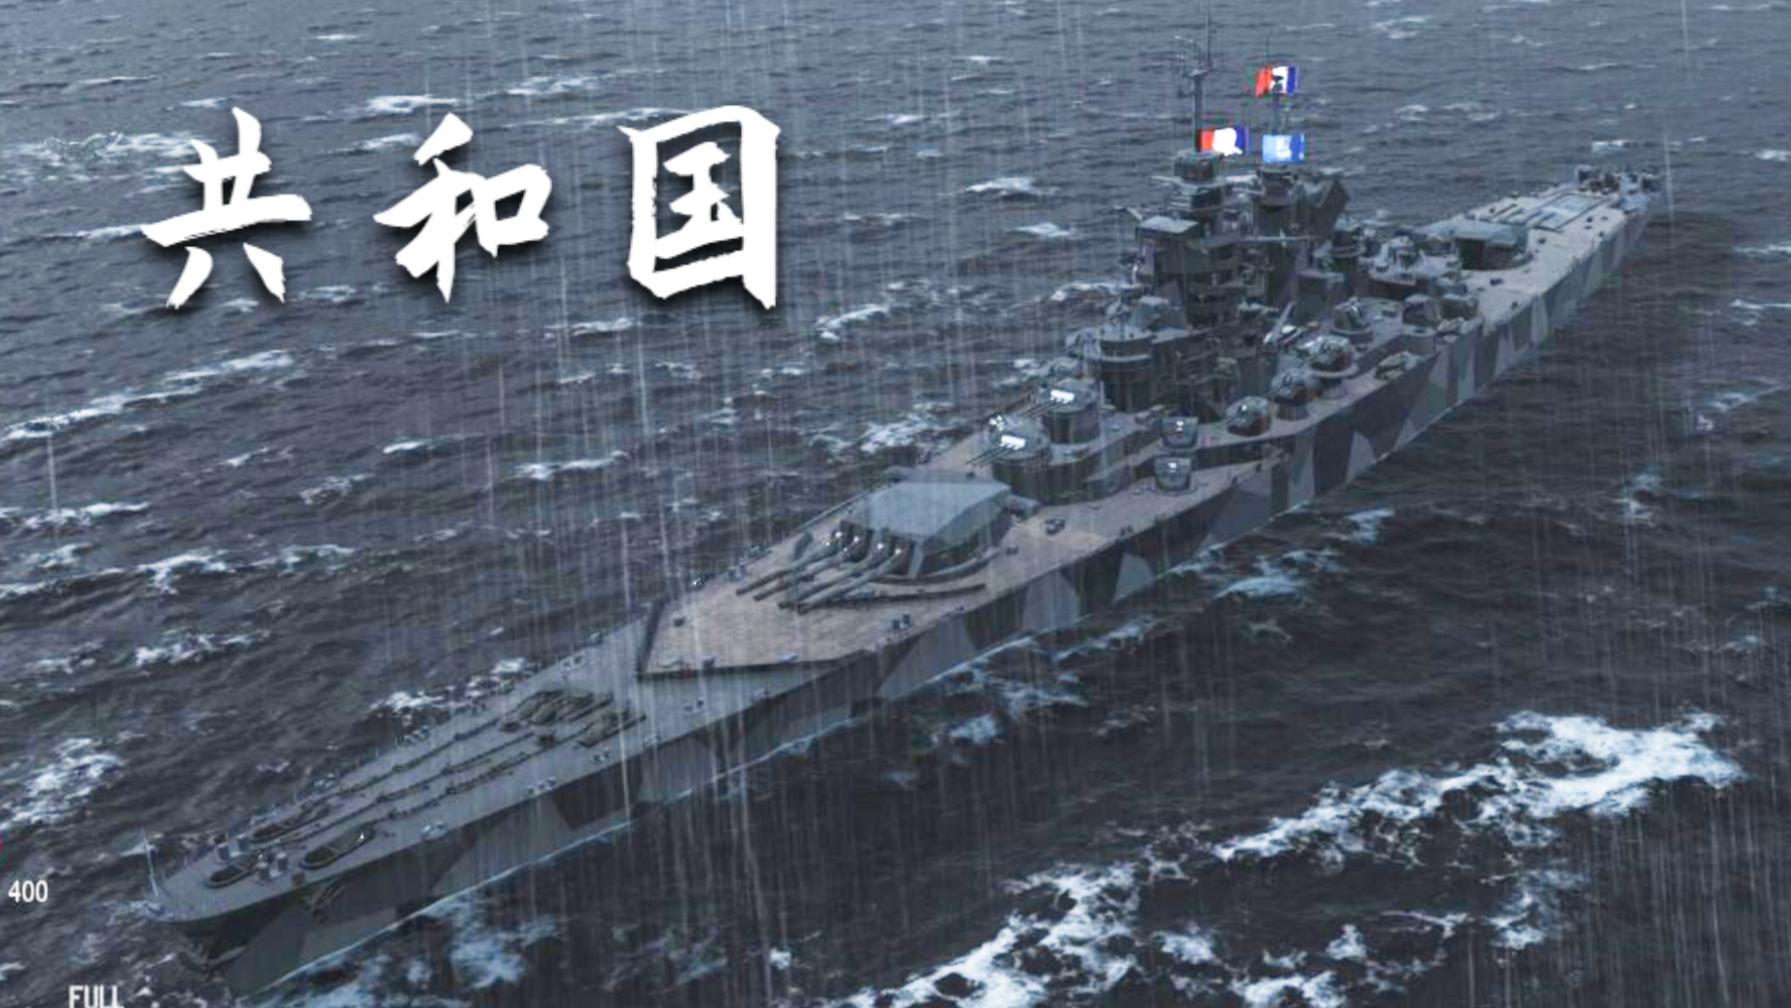 【战舰世界】共和国:2杀 - 31万输出(破碎之地)